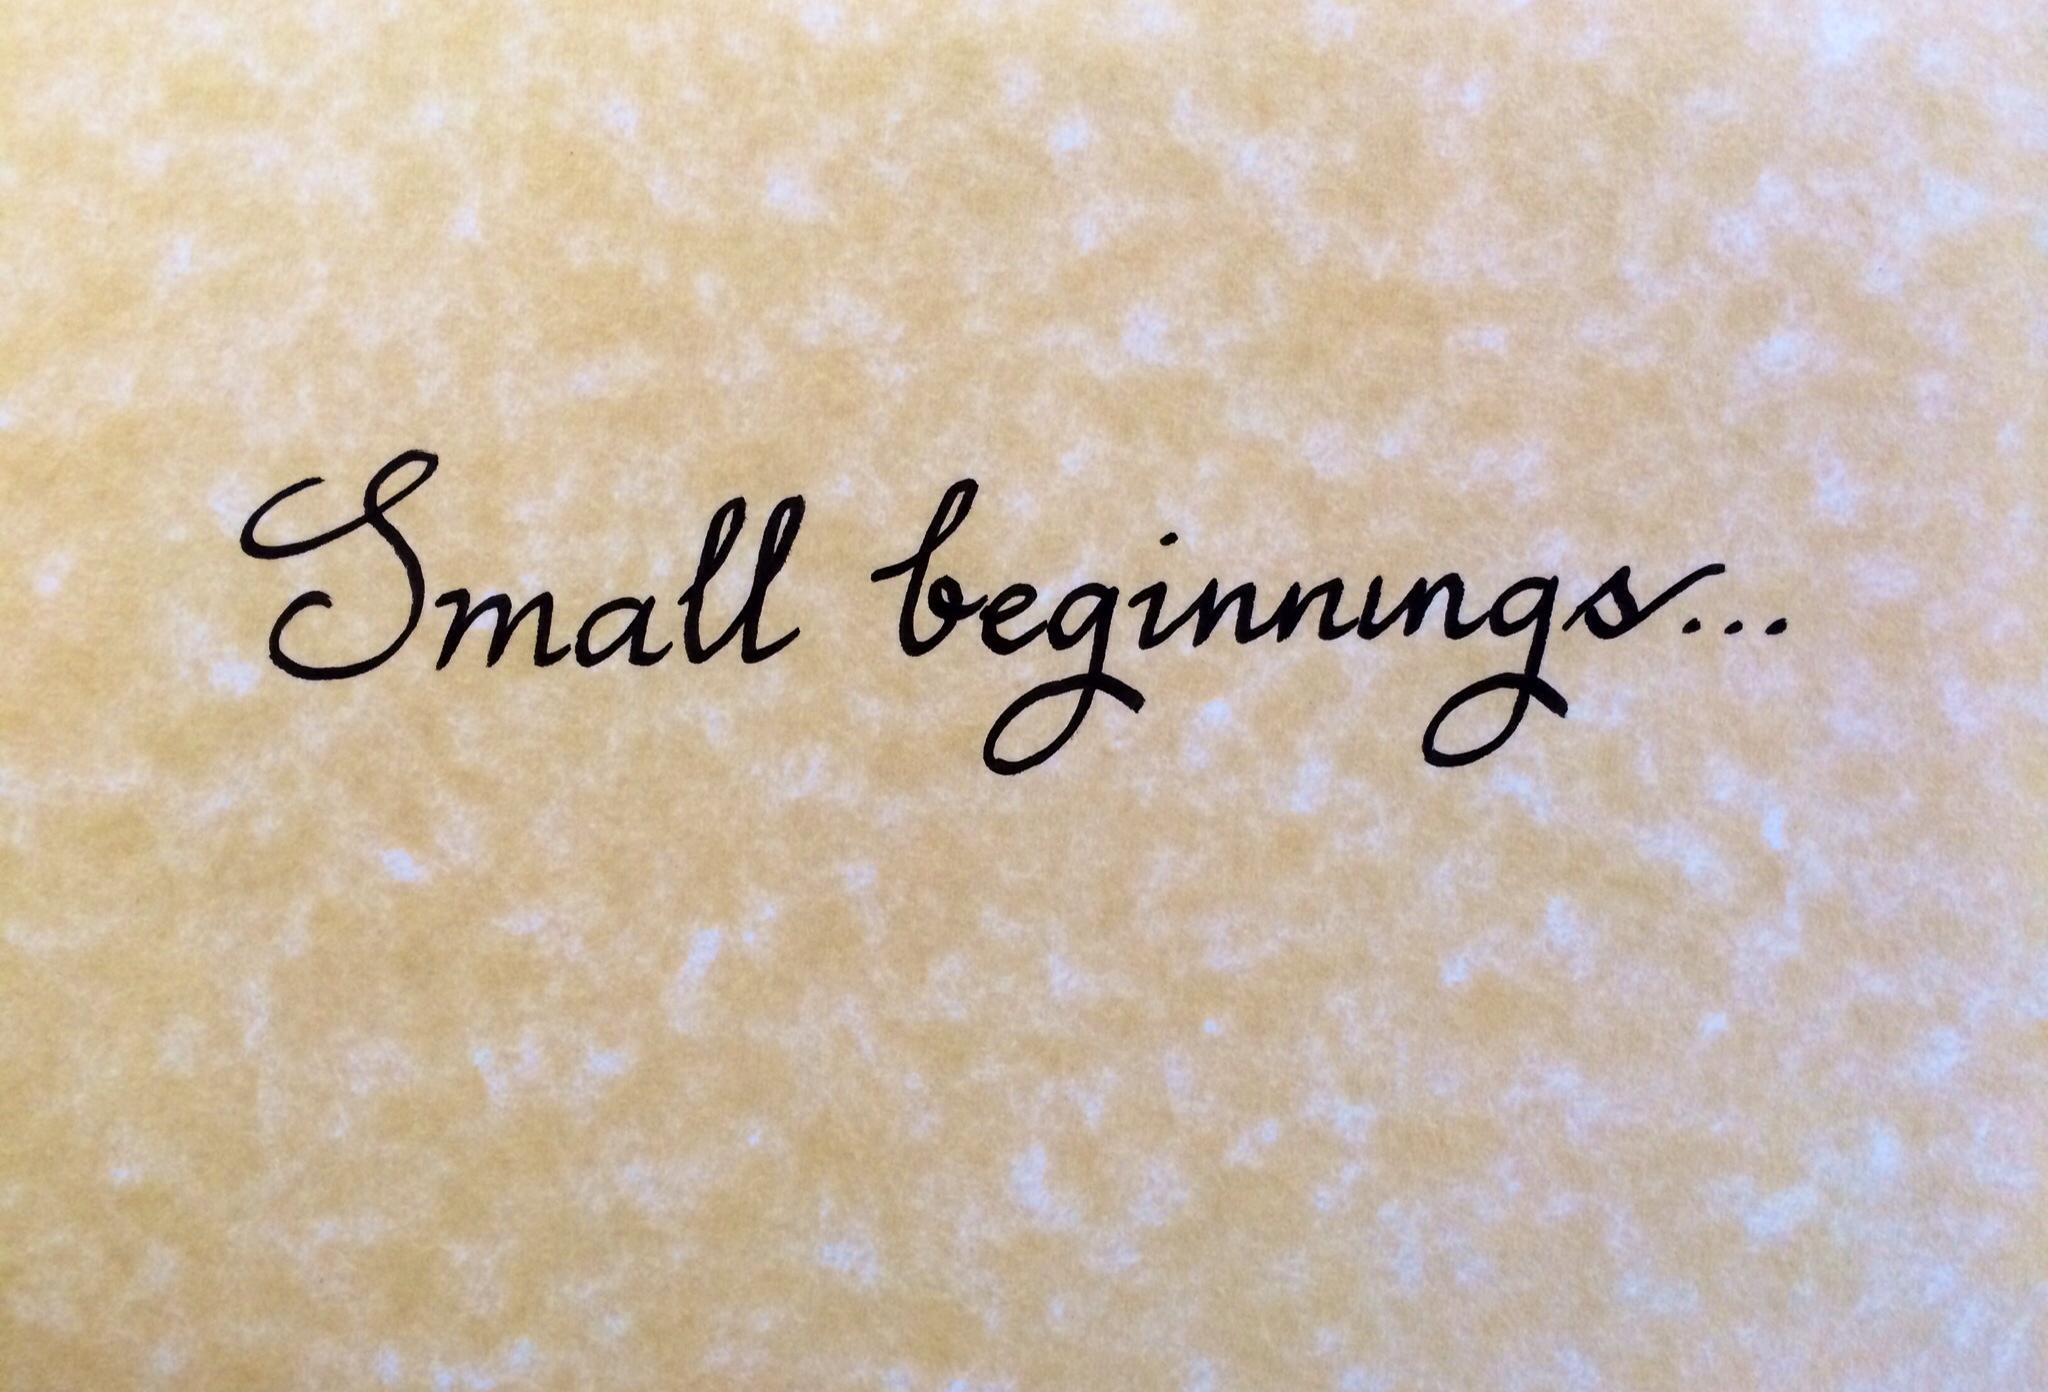 small-beginnings.jpg